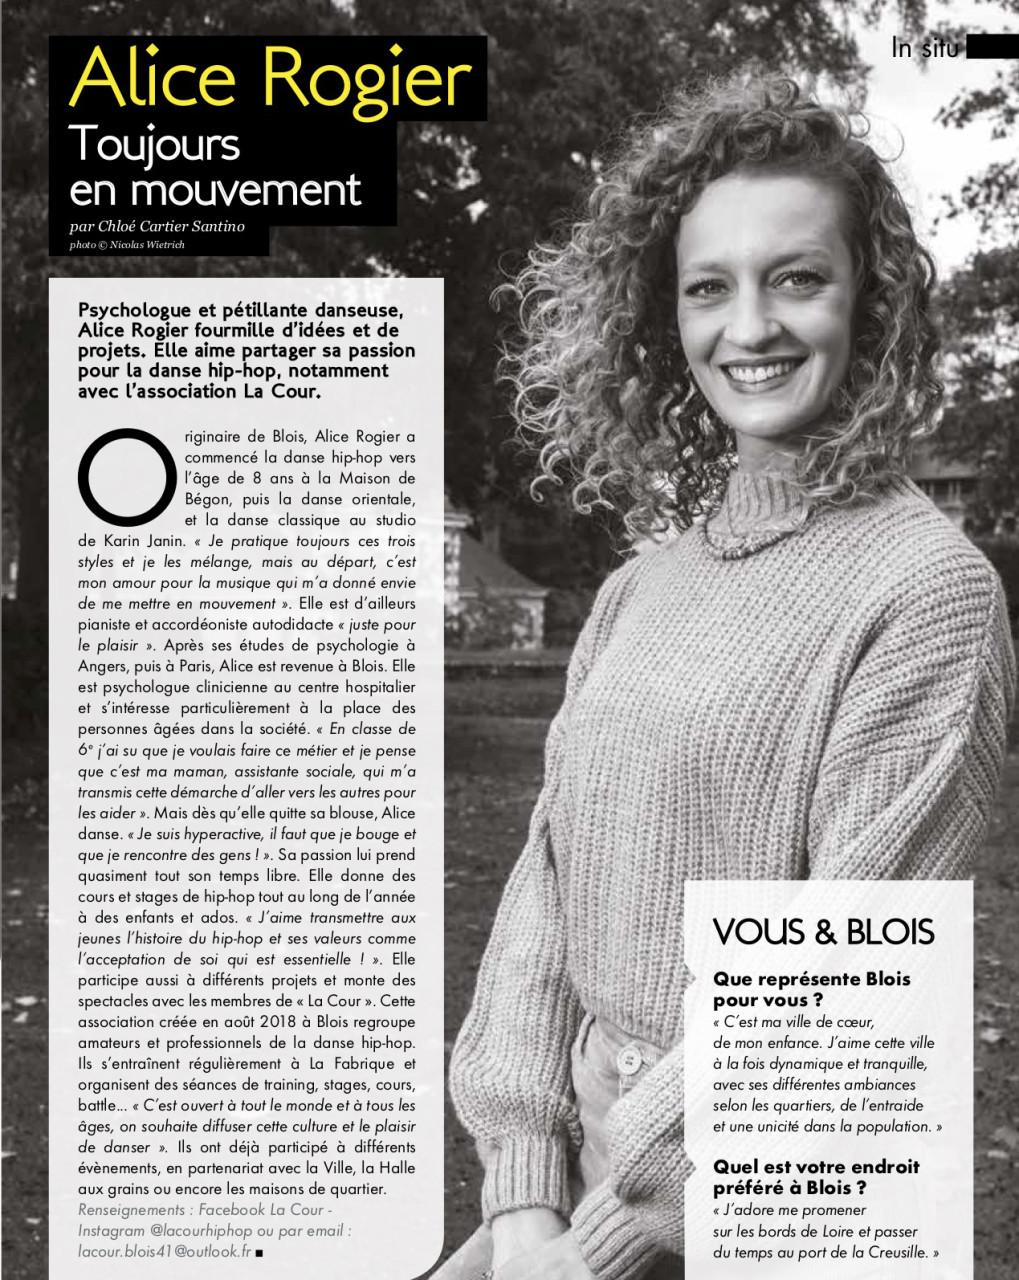 Parution dans Blois Mag de janvier/février 2021 : Texte Chloé Cartier-Santino. Photo © Nicolas Wietrich